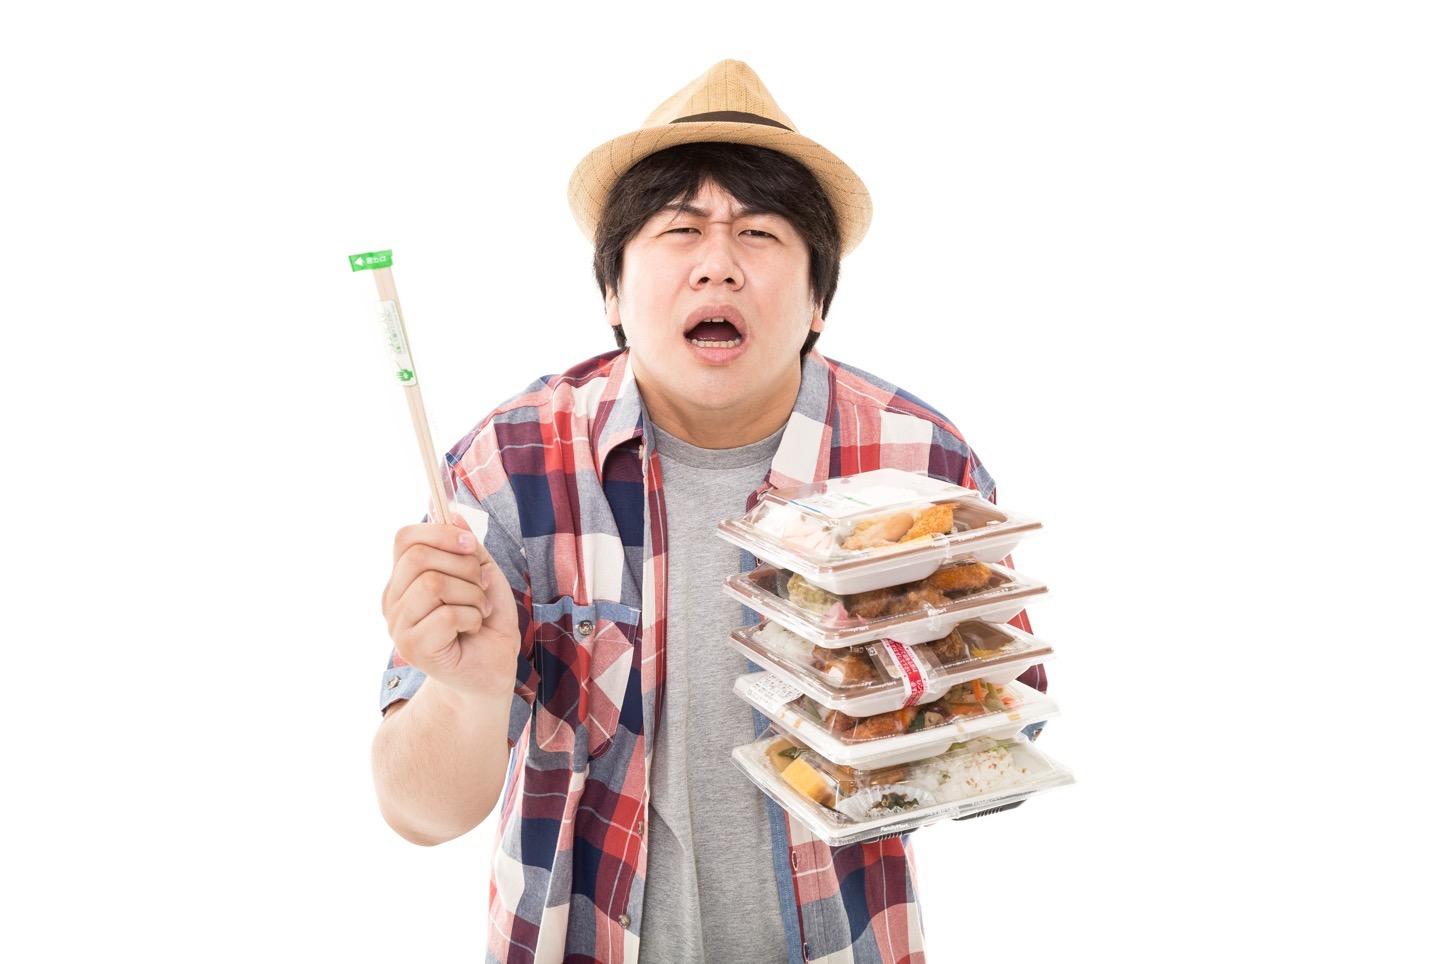 おい、コンビニ店員よ。俺は弁当を5個買ってんだぞ?何故箸を…1膳しか入れない。だが店員よ…お前は正しい。圧倒的に正しい。